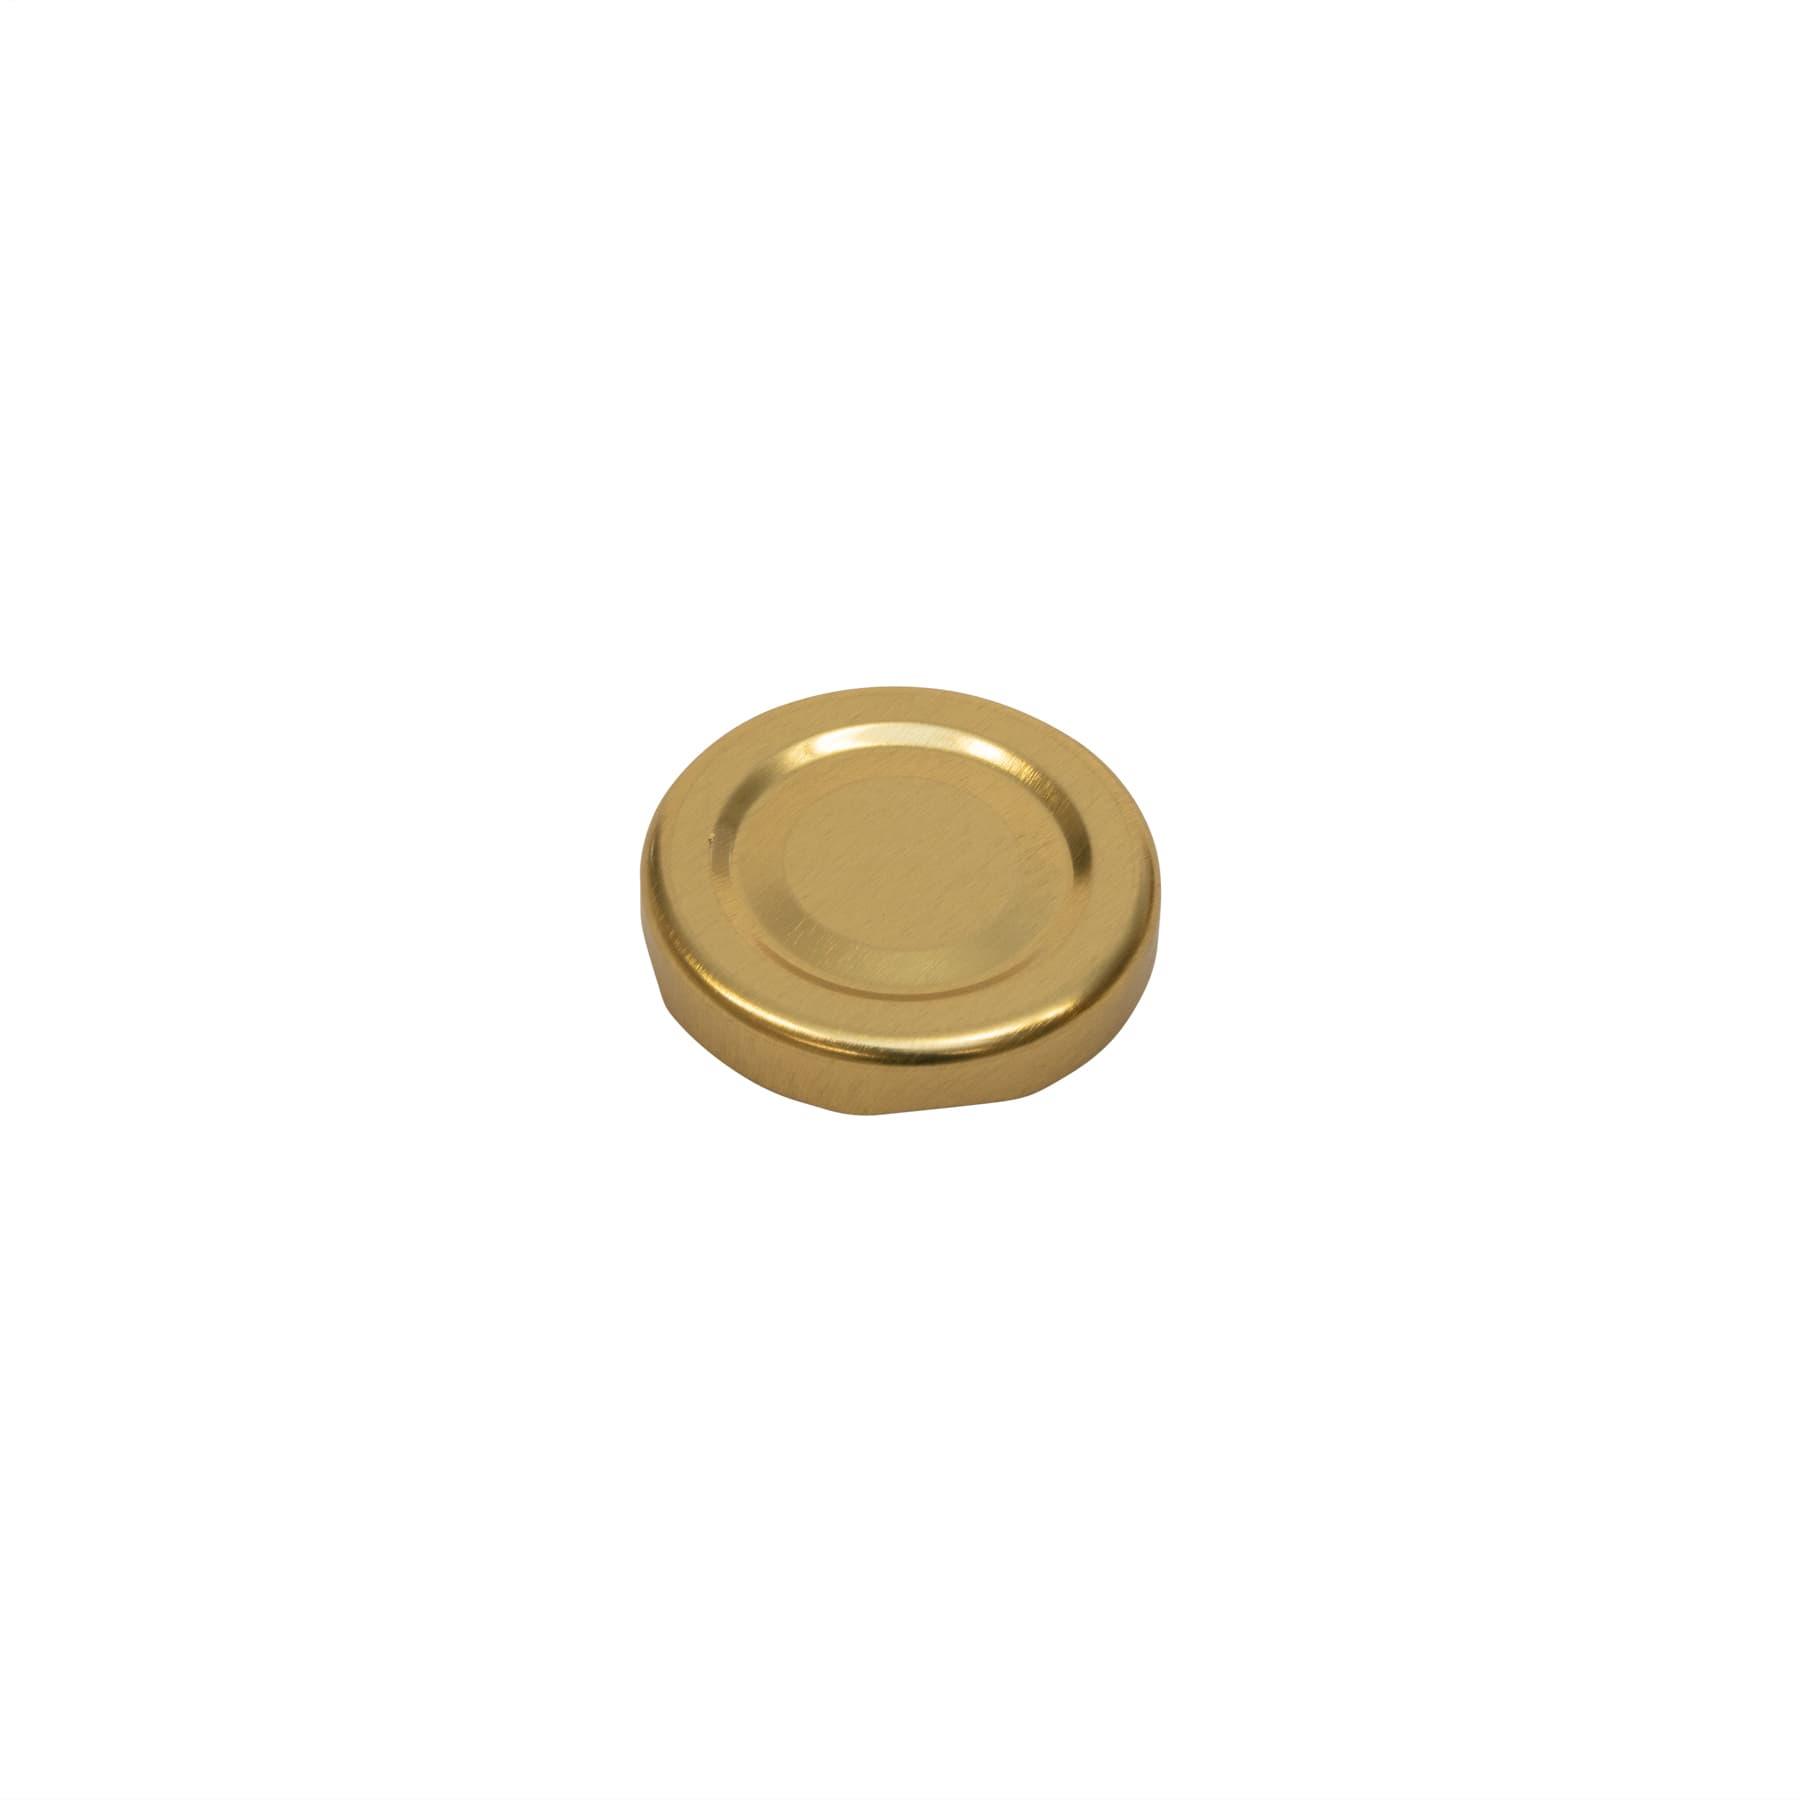 Twist Off Deckel gold 43 mm